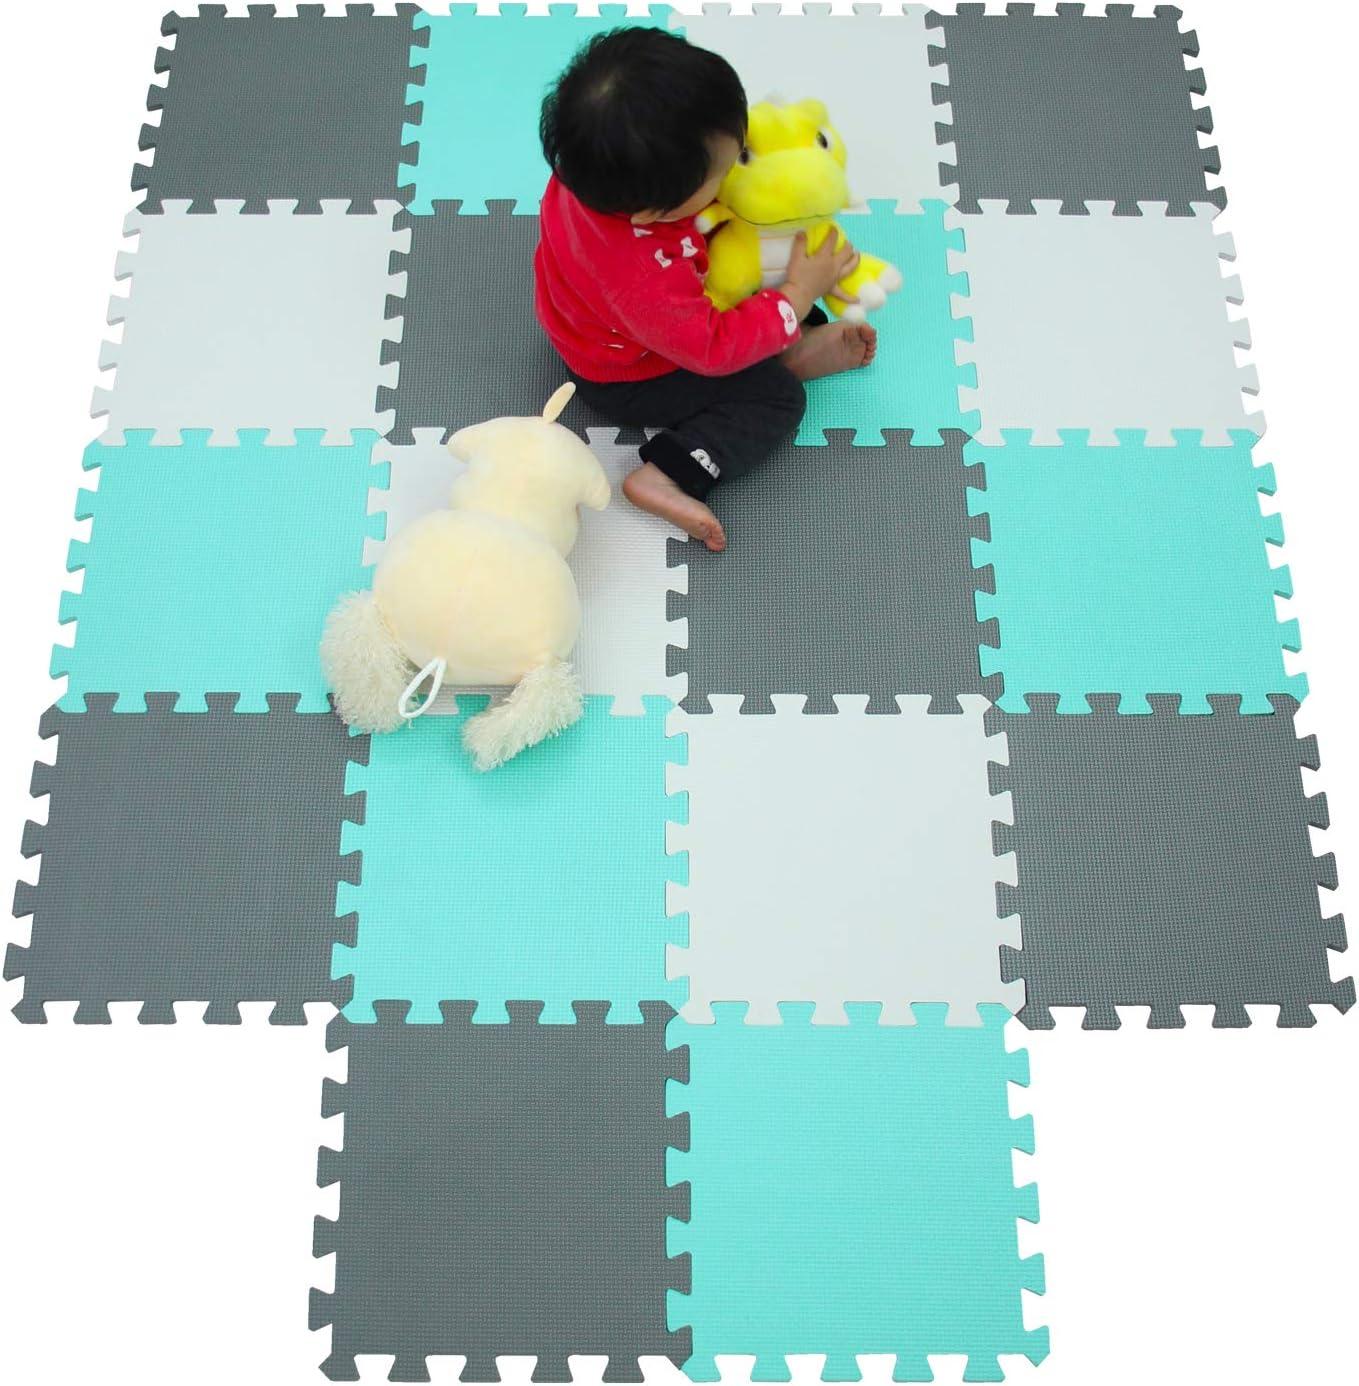 meiqicool Tapis de Jeu Puzzle Mousse Souple 18 Mousse,Tapis de Jeux et d/éveil,Tapis de Puzzles 010812